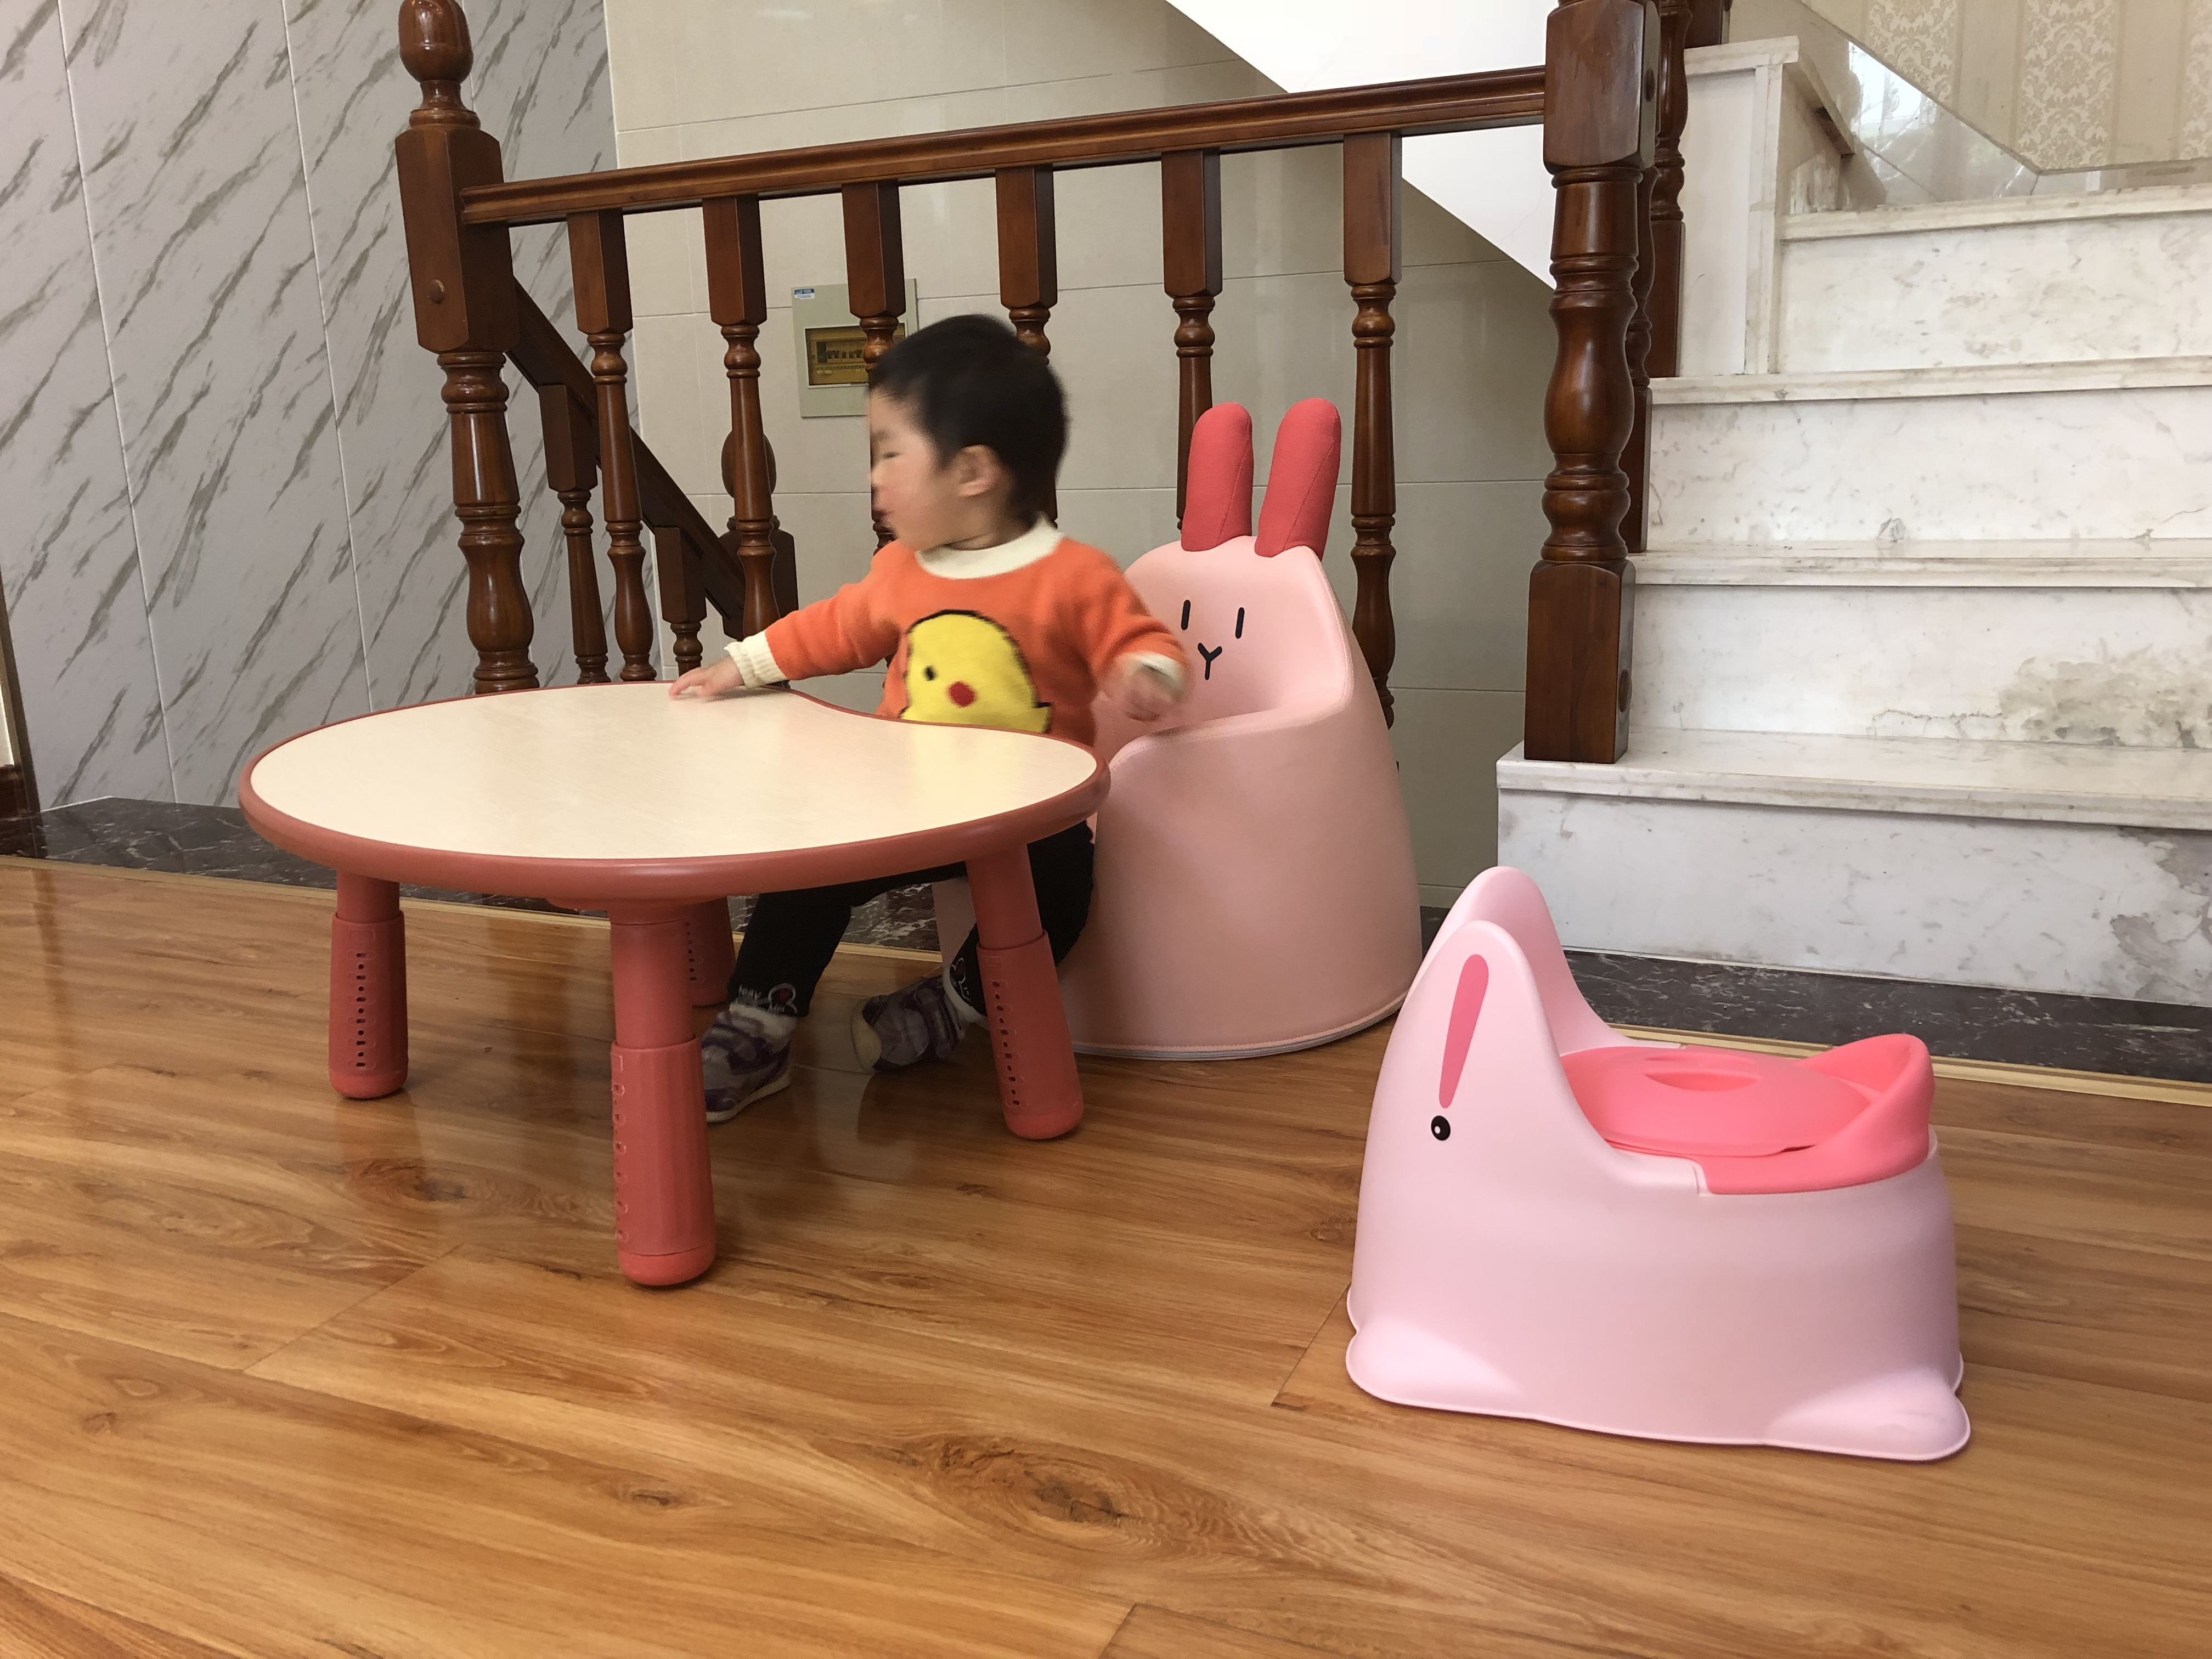 韩国儿童学习花生桌宝宝游戏防撞可升降调节桌子幼儿园写字书桌